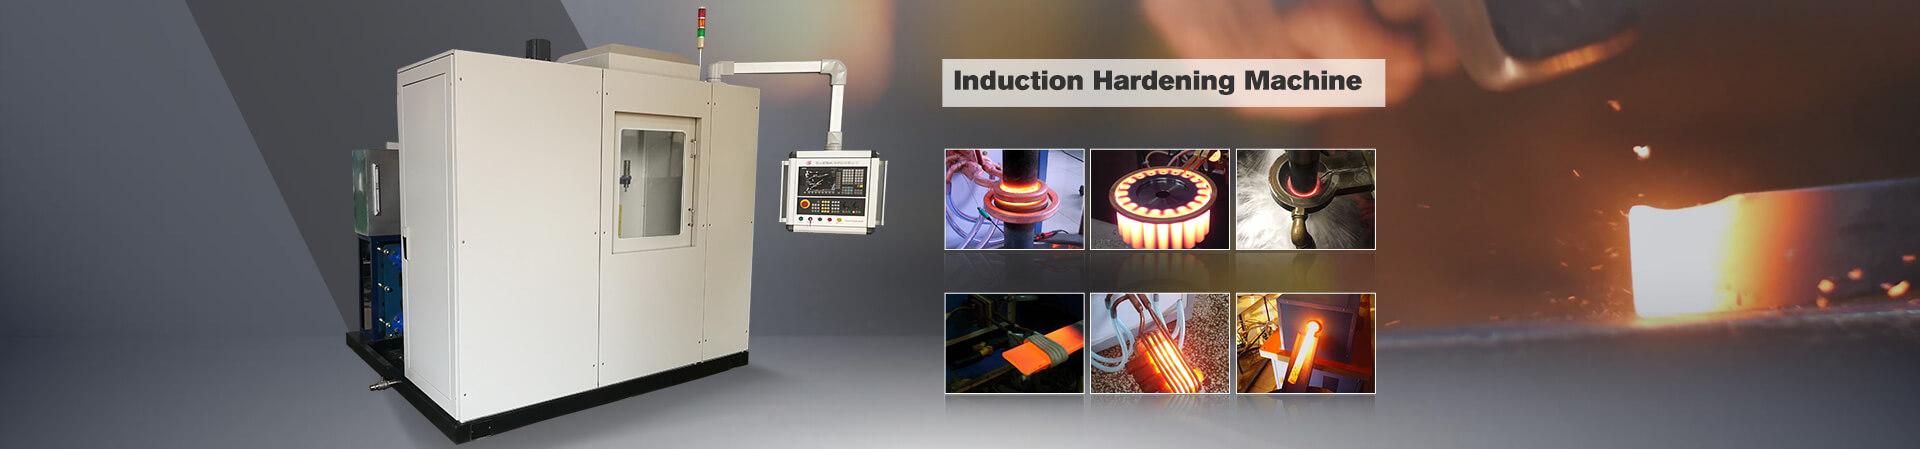 Induction Hardening Machine